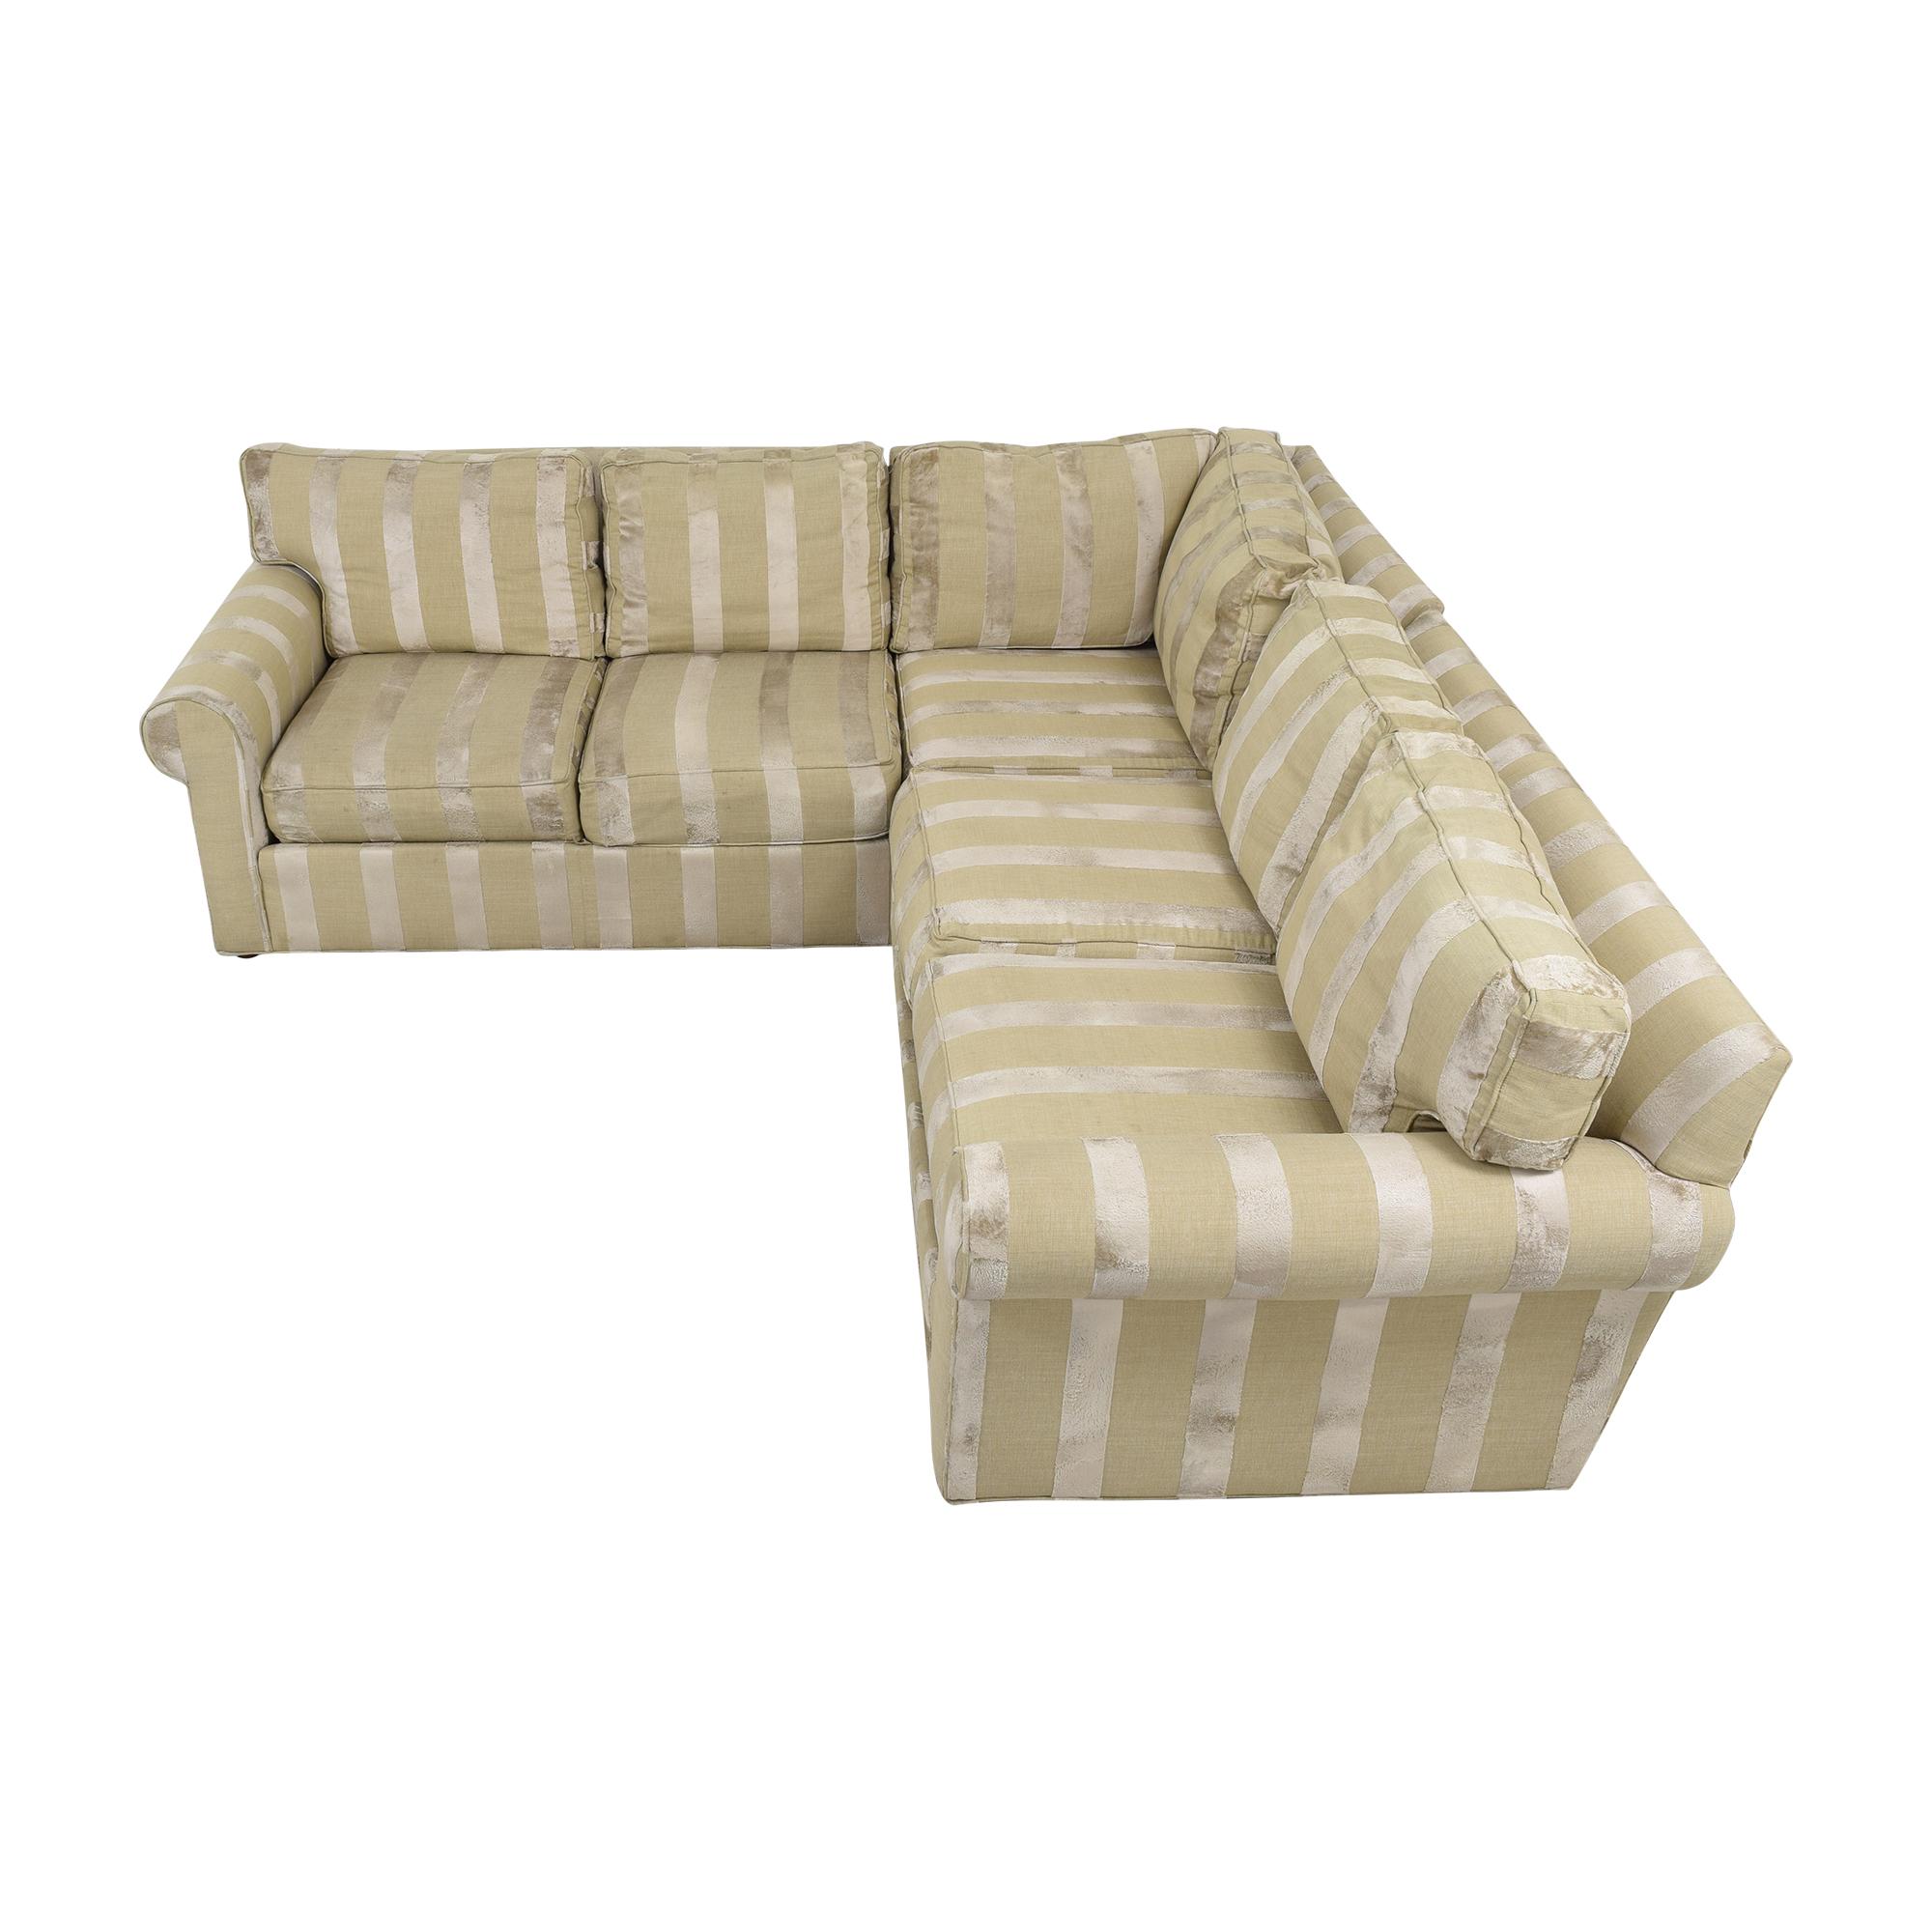 Ethan Allen Ethan Allen Bennet Sectional Sofa ct